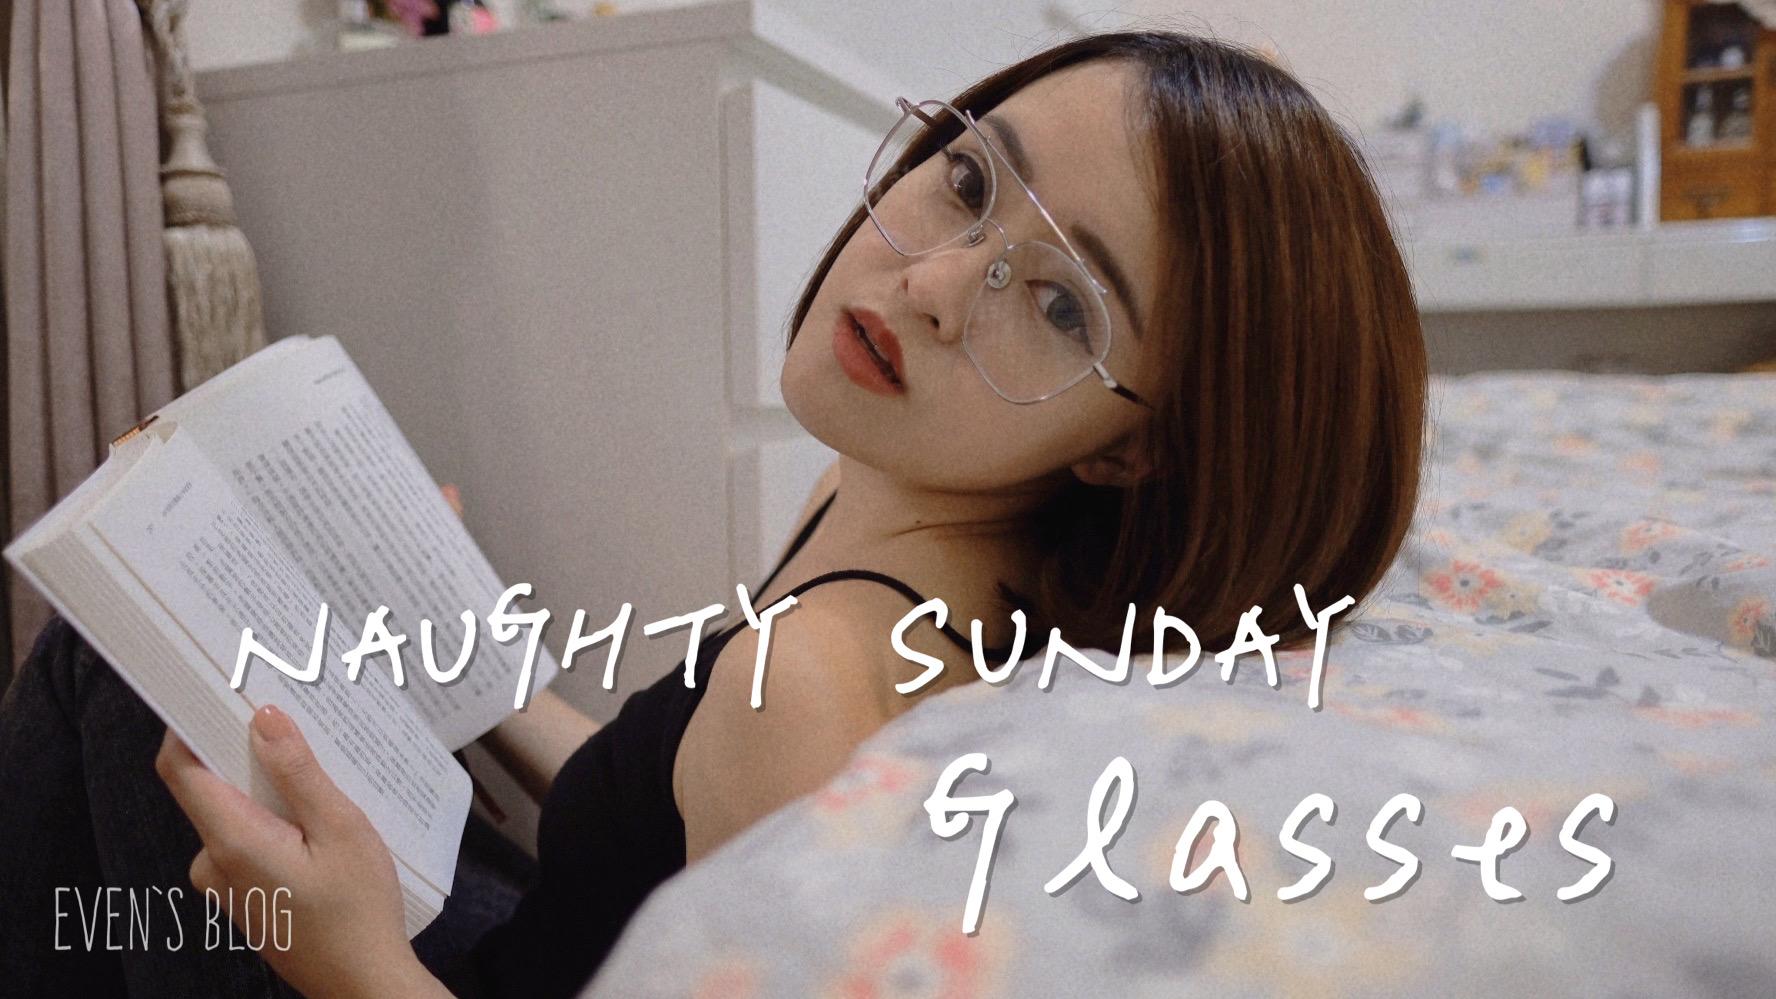 太陽眼鏡, 光學眼鏡, 配眼鏡, 鏡架